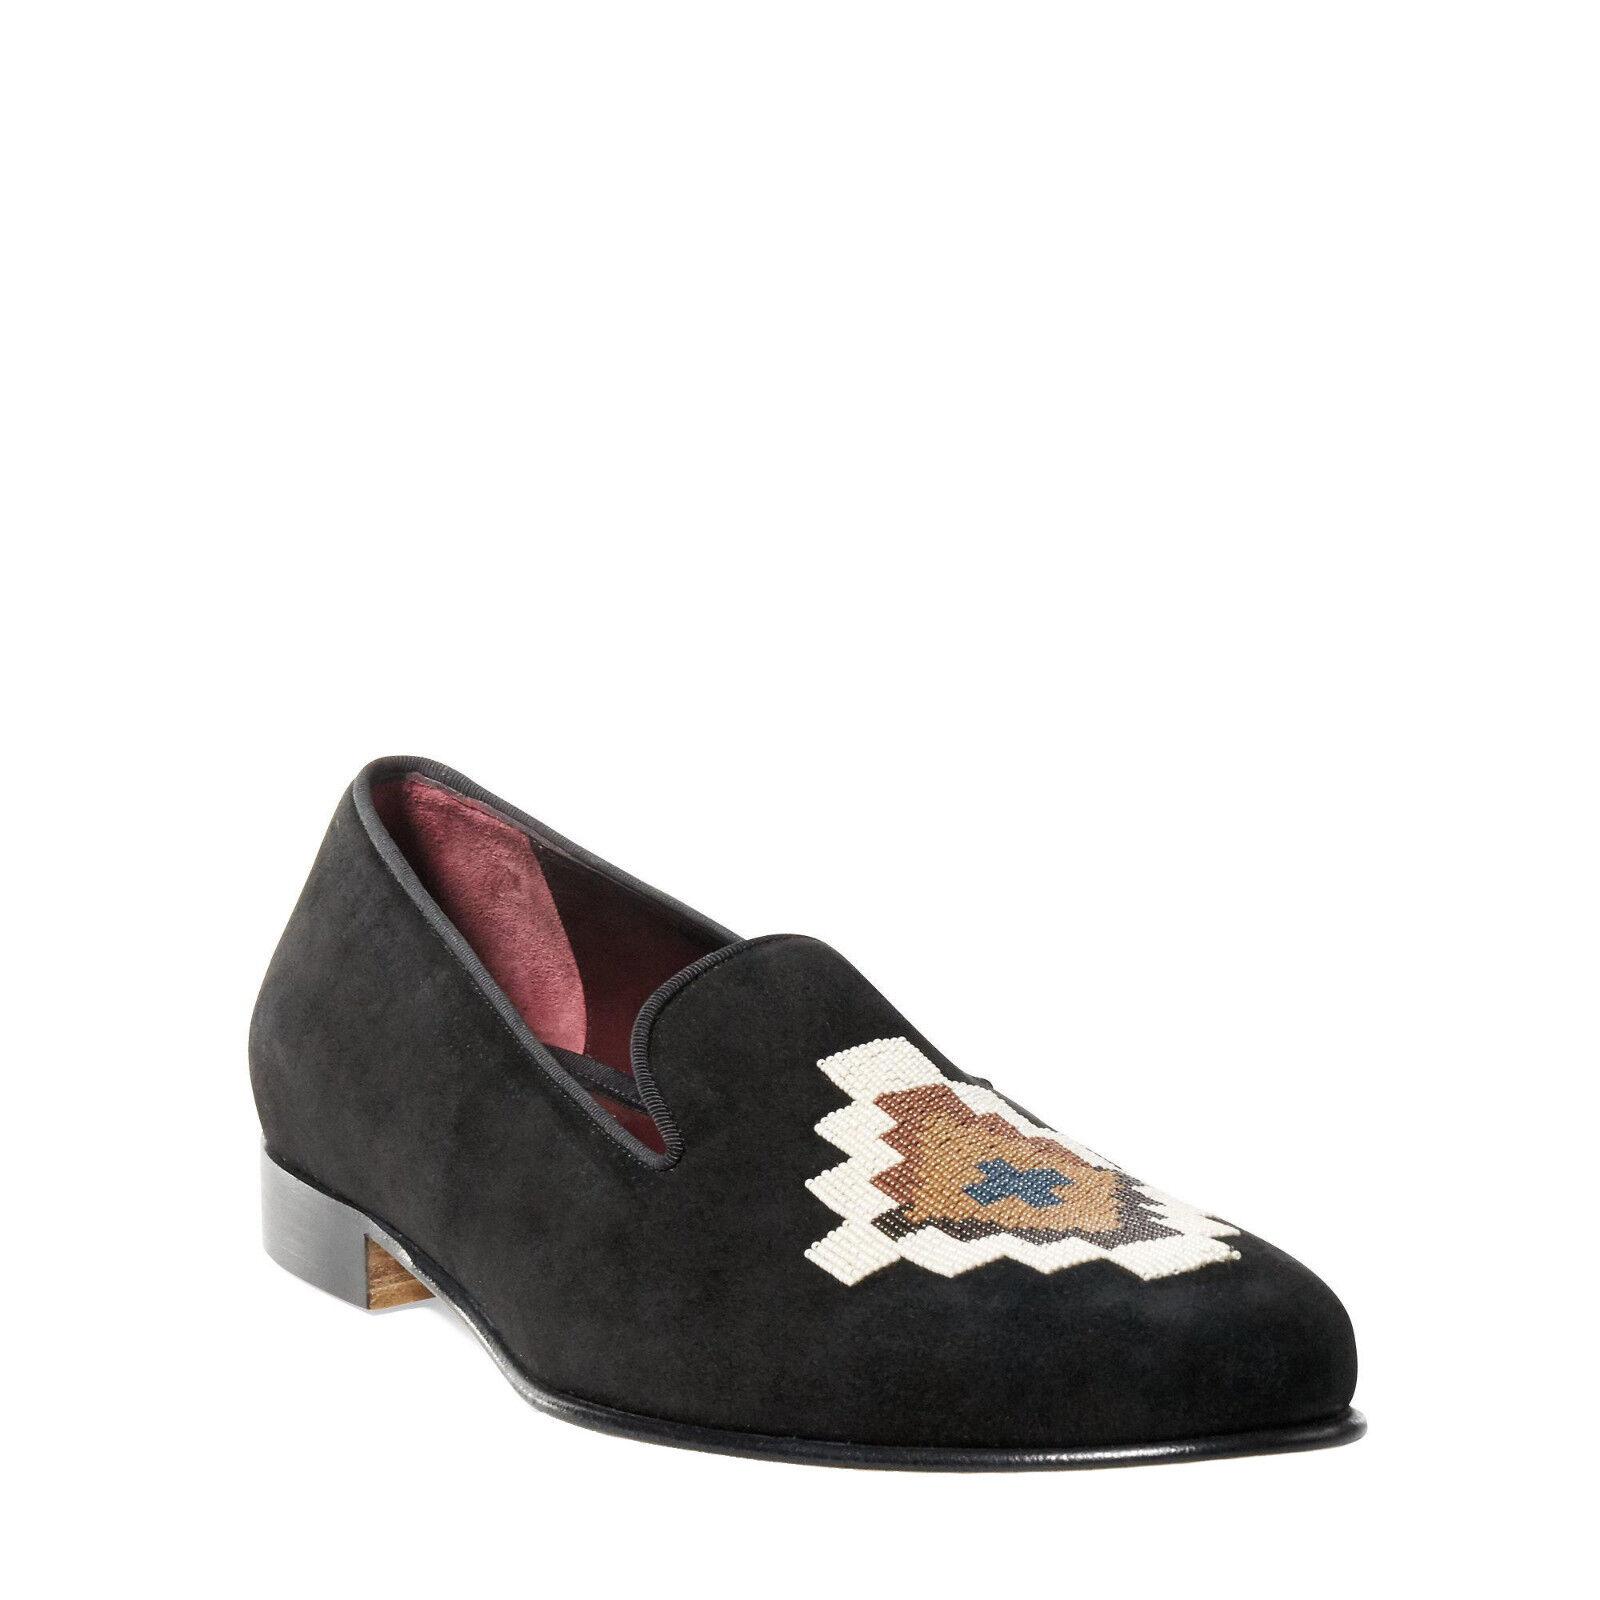 Ralph Lauren Purple Label Black Suede Collis Beaded Slippers shoes New